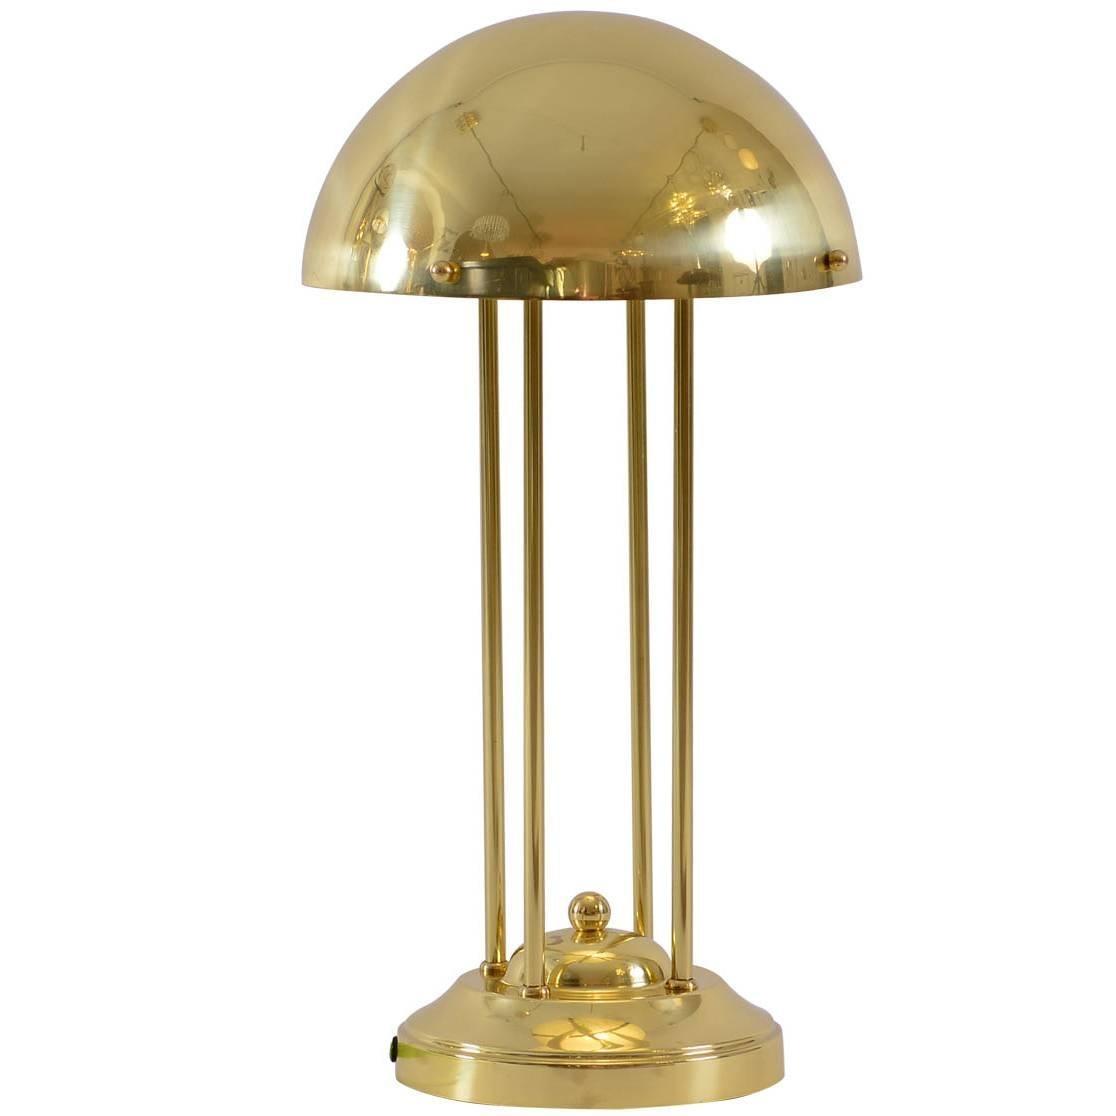 Avantgardistic Josef Hoffmann Secessionist Jugendstil Table Lamp Re-Edition